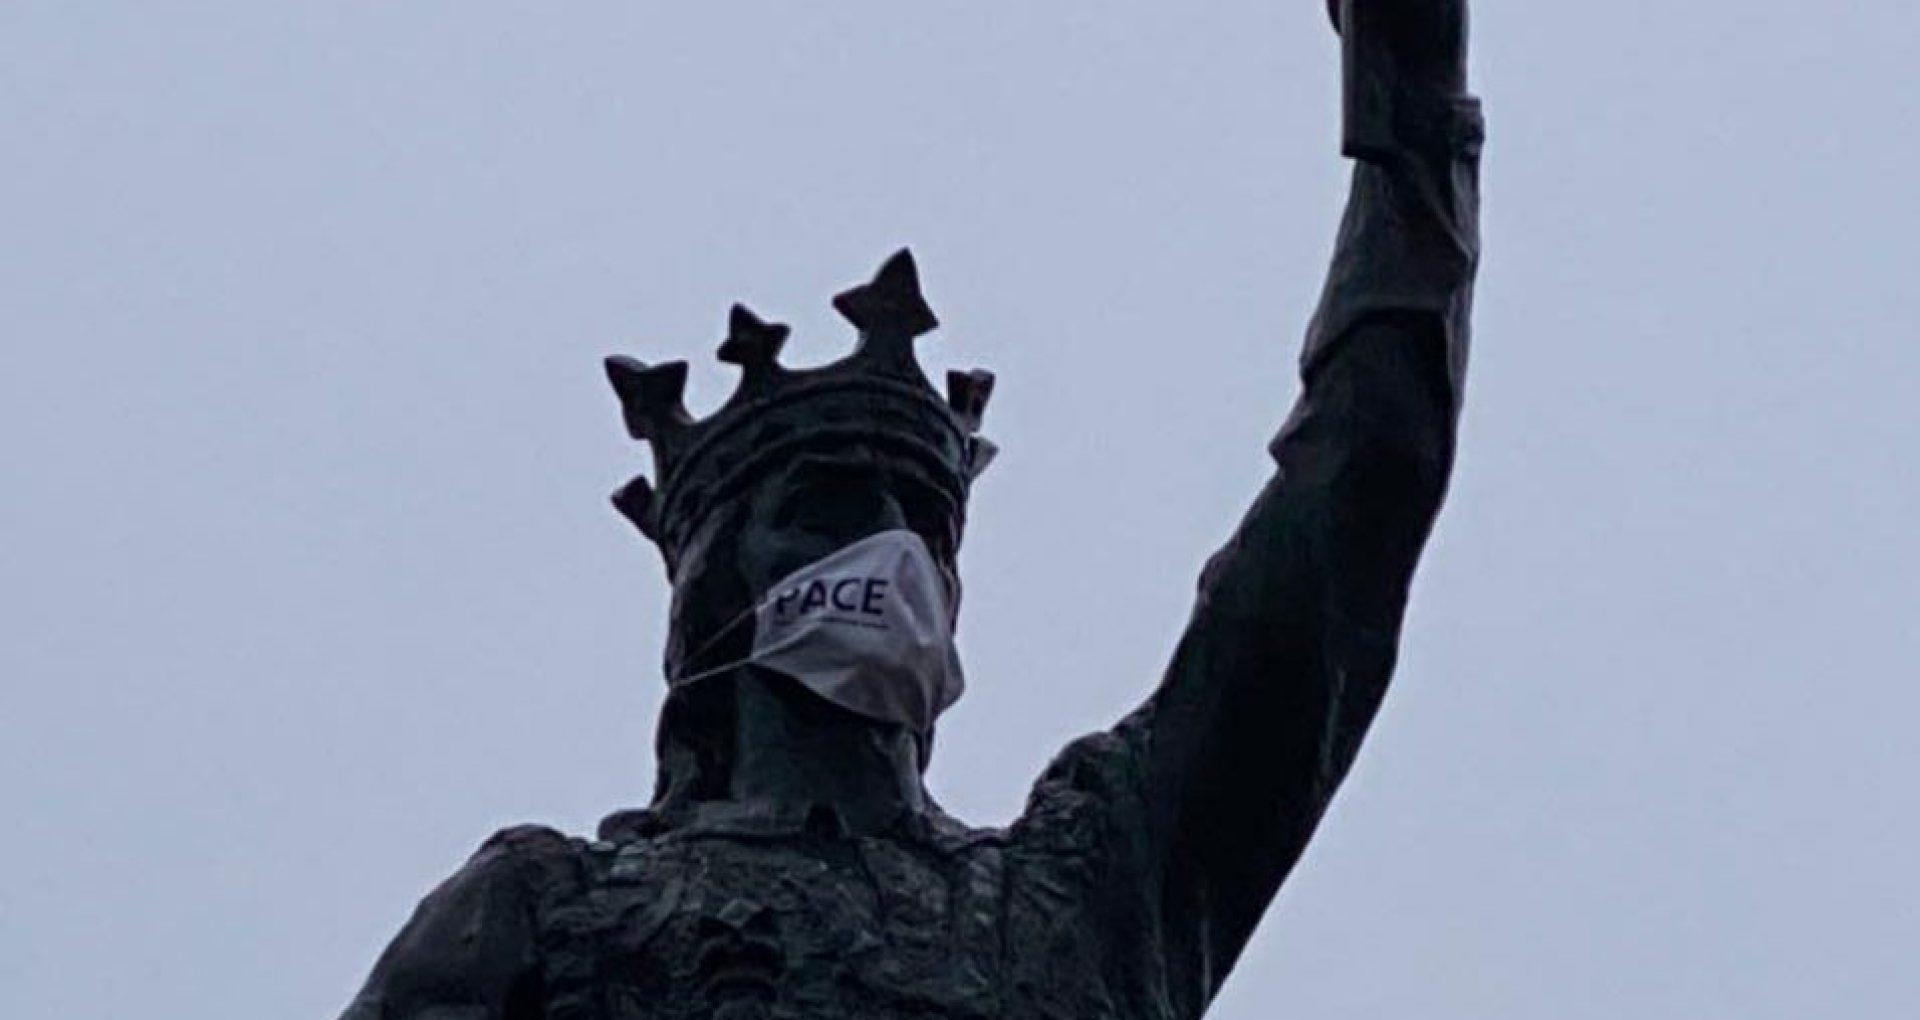 VIDEO/ Monumentul lui Ștefan cel Mare și Sfânt poartă mască cu însemnul unui partid